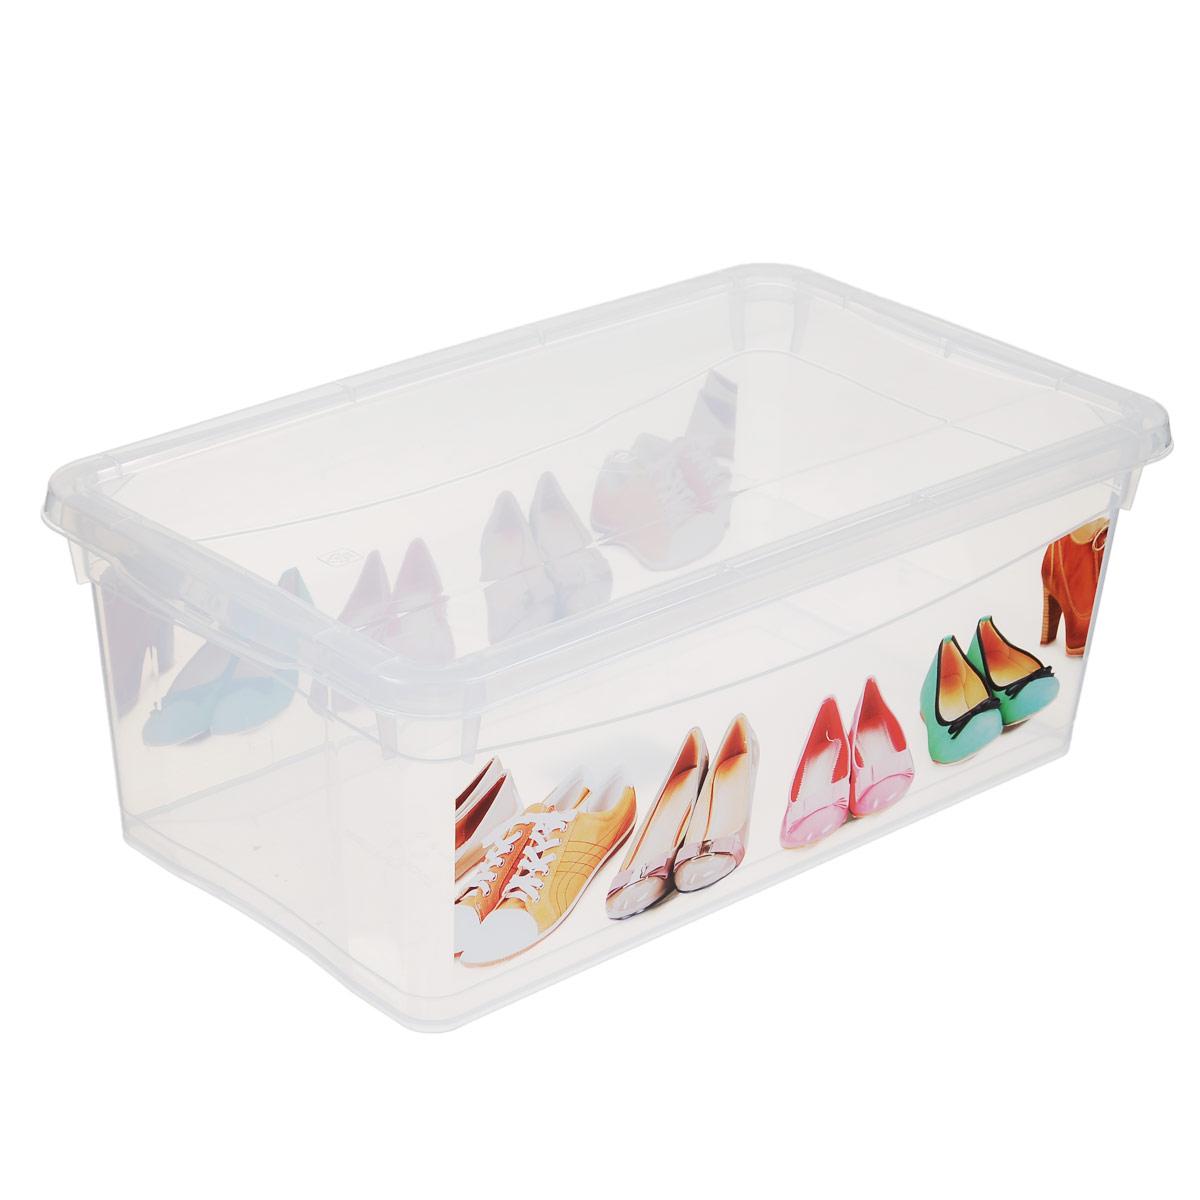 Ящик для обуви Econova Обувь, 33 см х 19 см х 12 смС12883Ящик Econova Обувь выполнен из высококачественного прозрачного полипропилена и предназначен для хранения обуви. Ящик декорирован ярким рисунком и оснащен удобной крышкой. Очень функциональный и вместительный, такой ящик будет очень полезен для хранения вещей, а также защитит их от пыли и грязи.